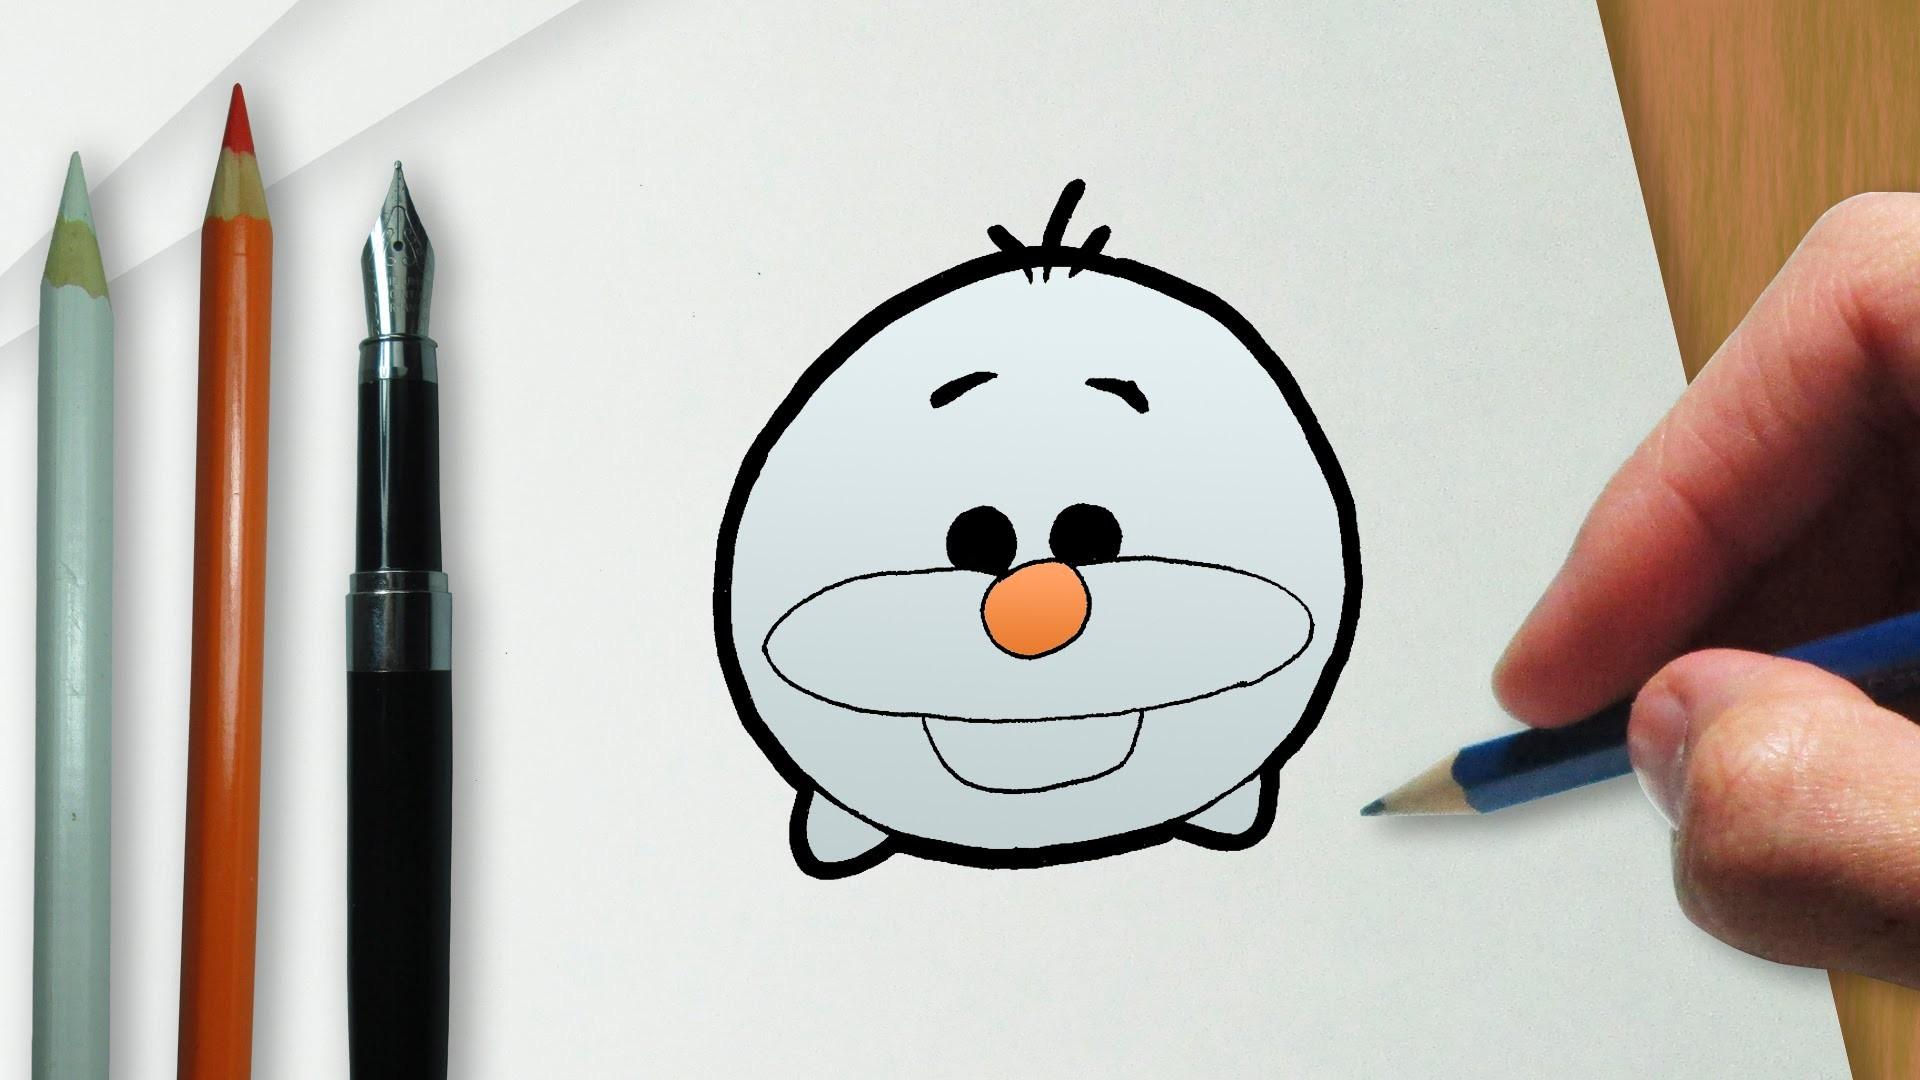 Coloreando El Tsum Tsum De Minnie Aprende A Colorear: Cómo Dibujar Olaf En La Versión Disney Tsum Tsum